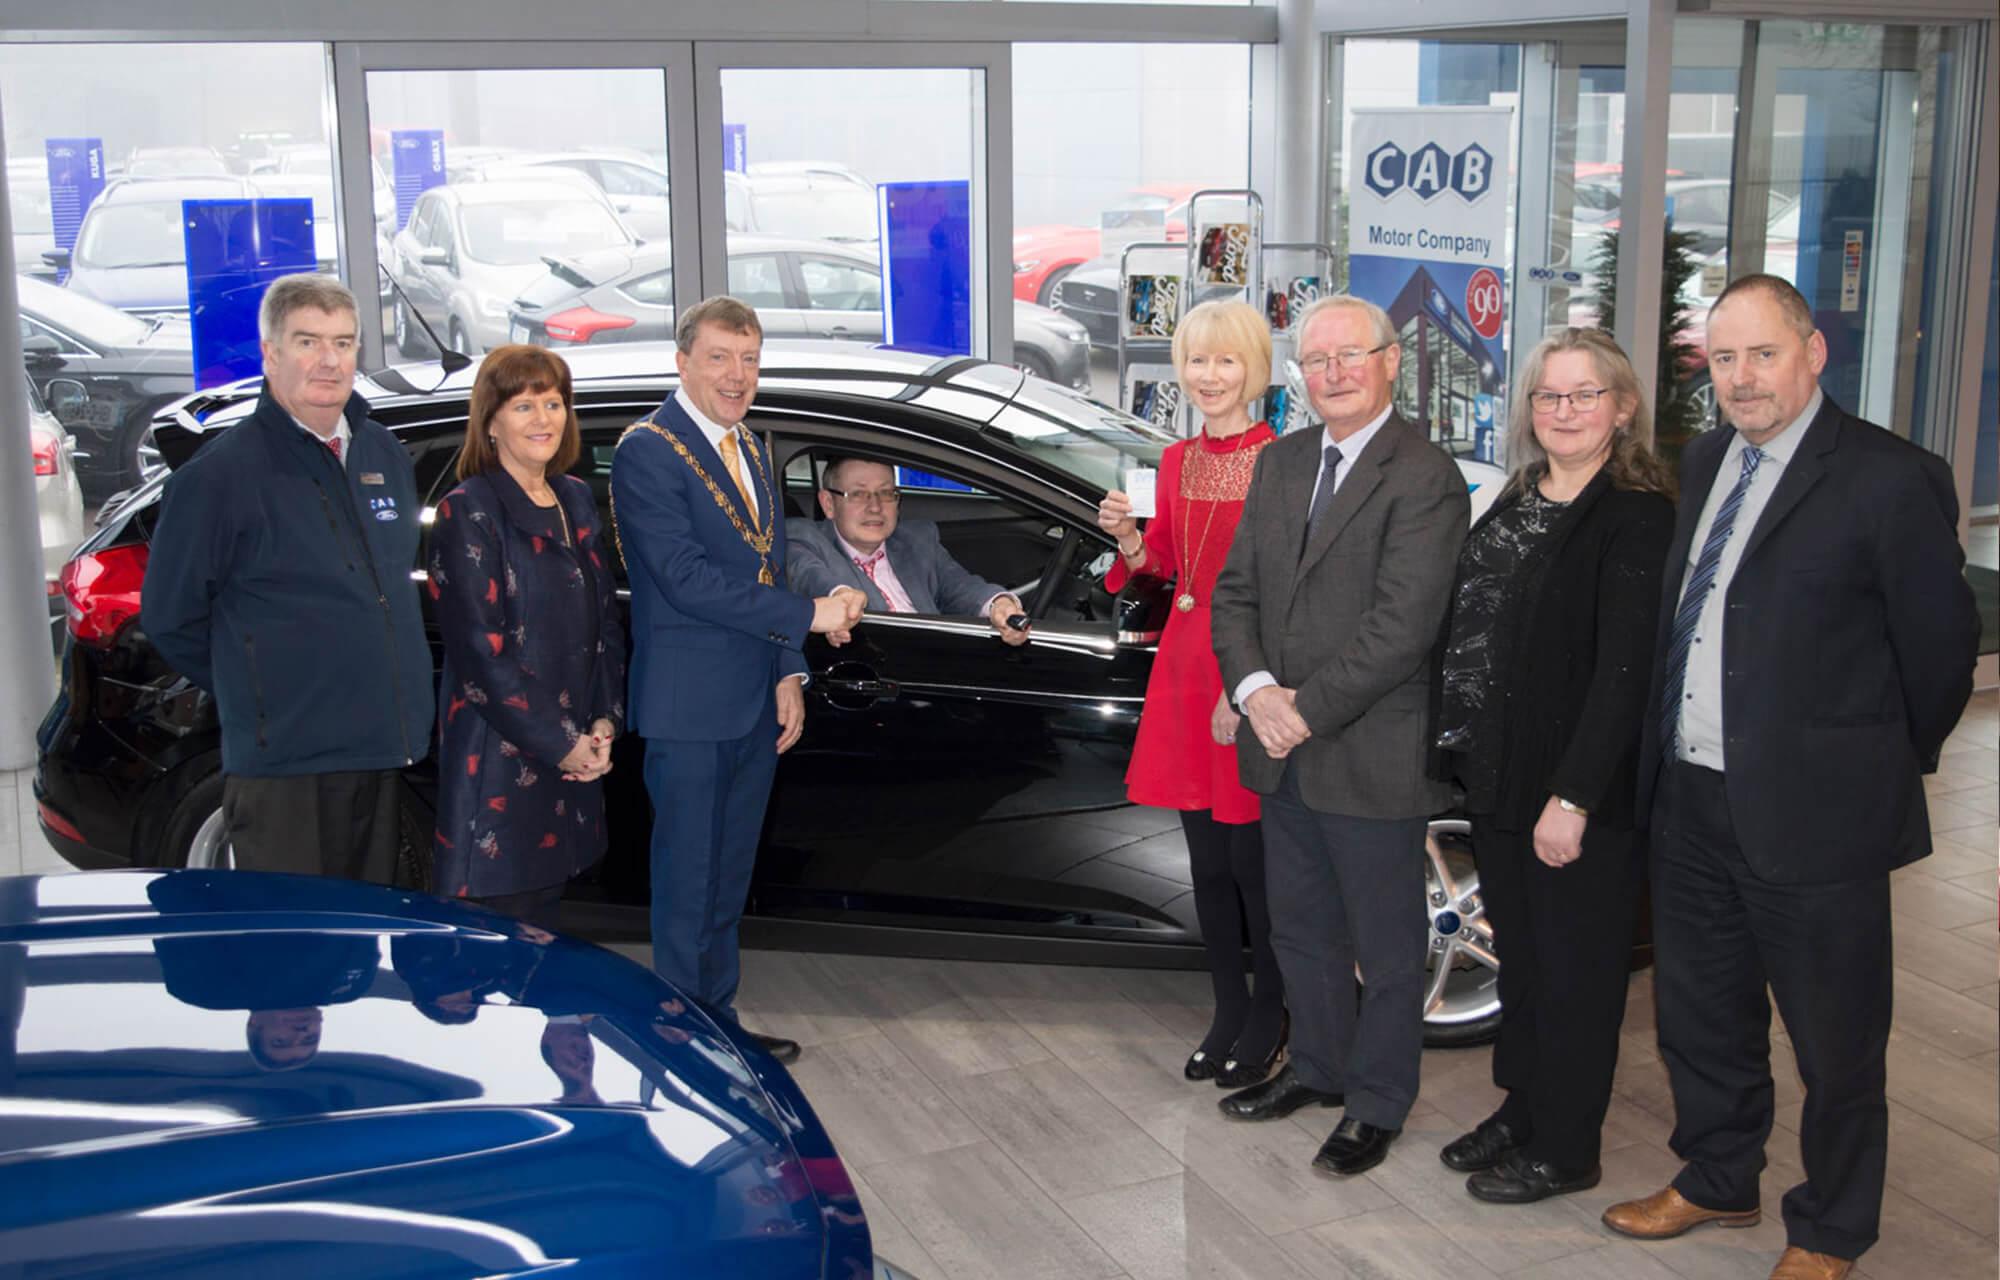 2017 SVP Car Winner Announced